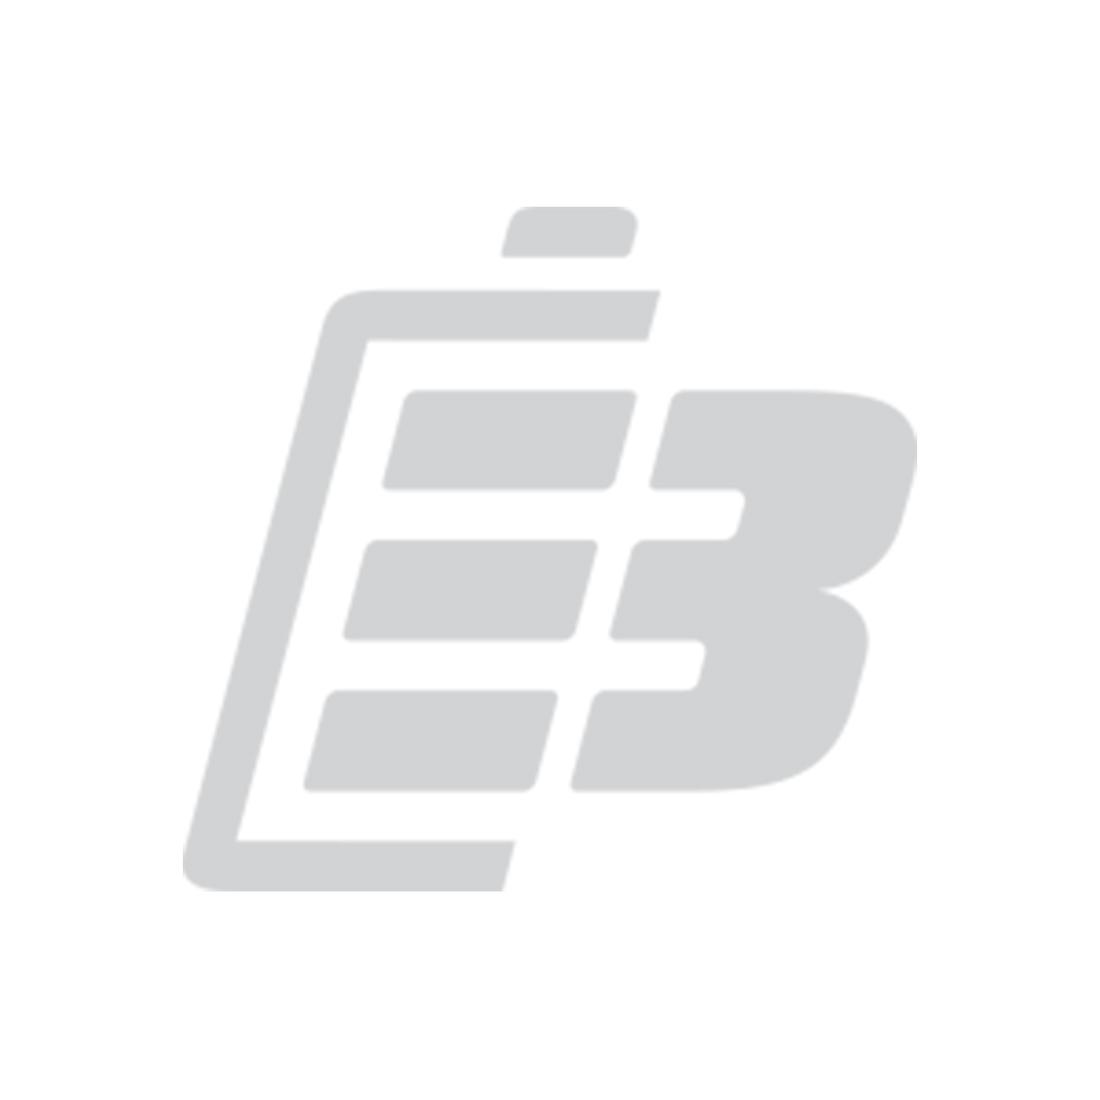 Μπαταρία κονσόλας Sony PSP E1000_1